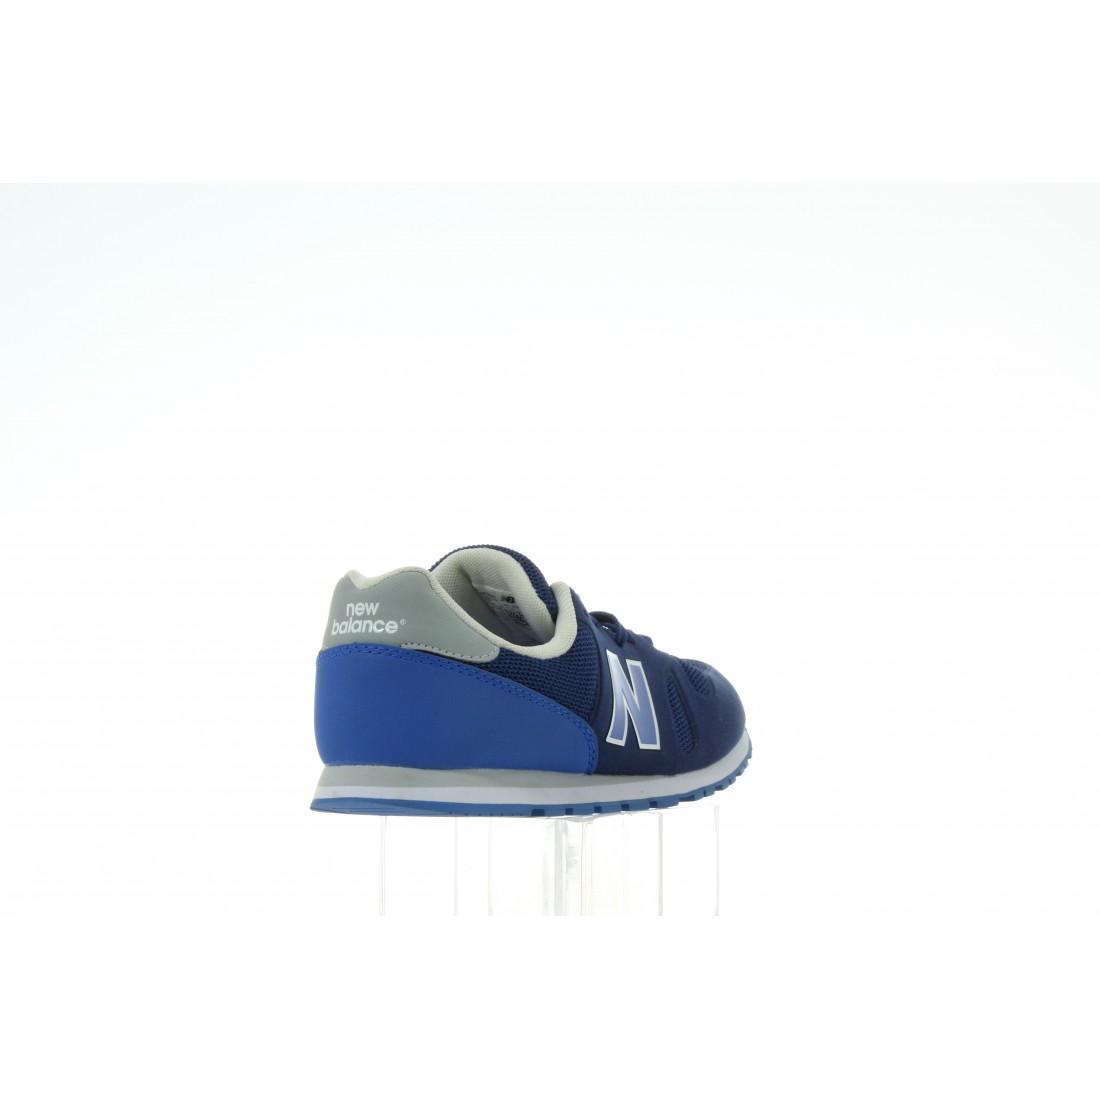 KD373BRY Niebieski